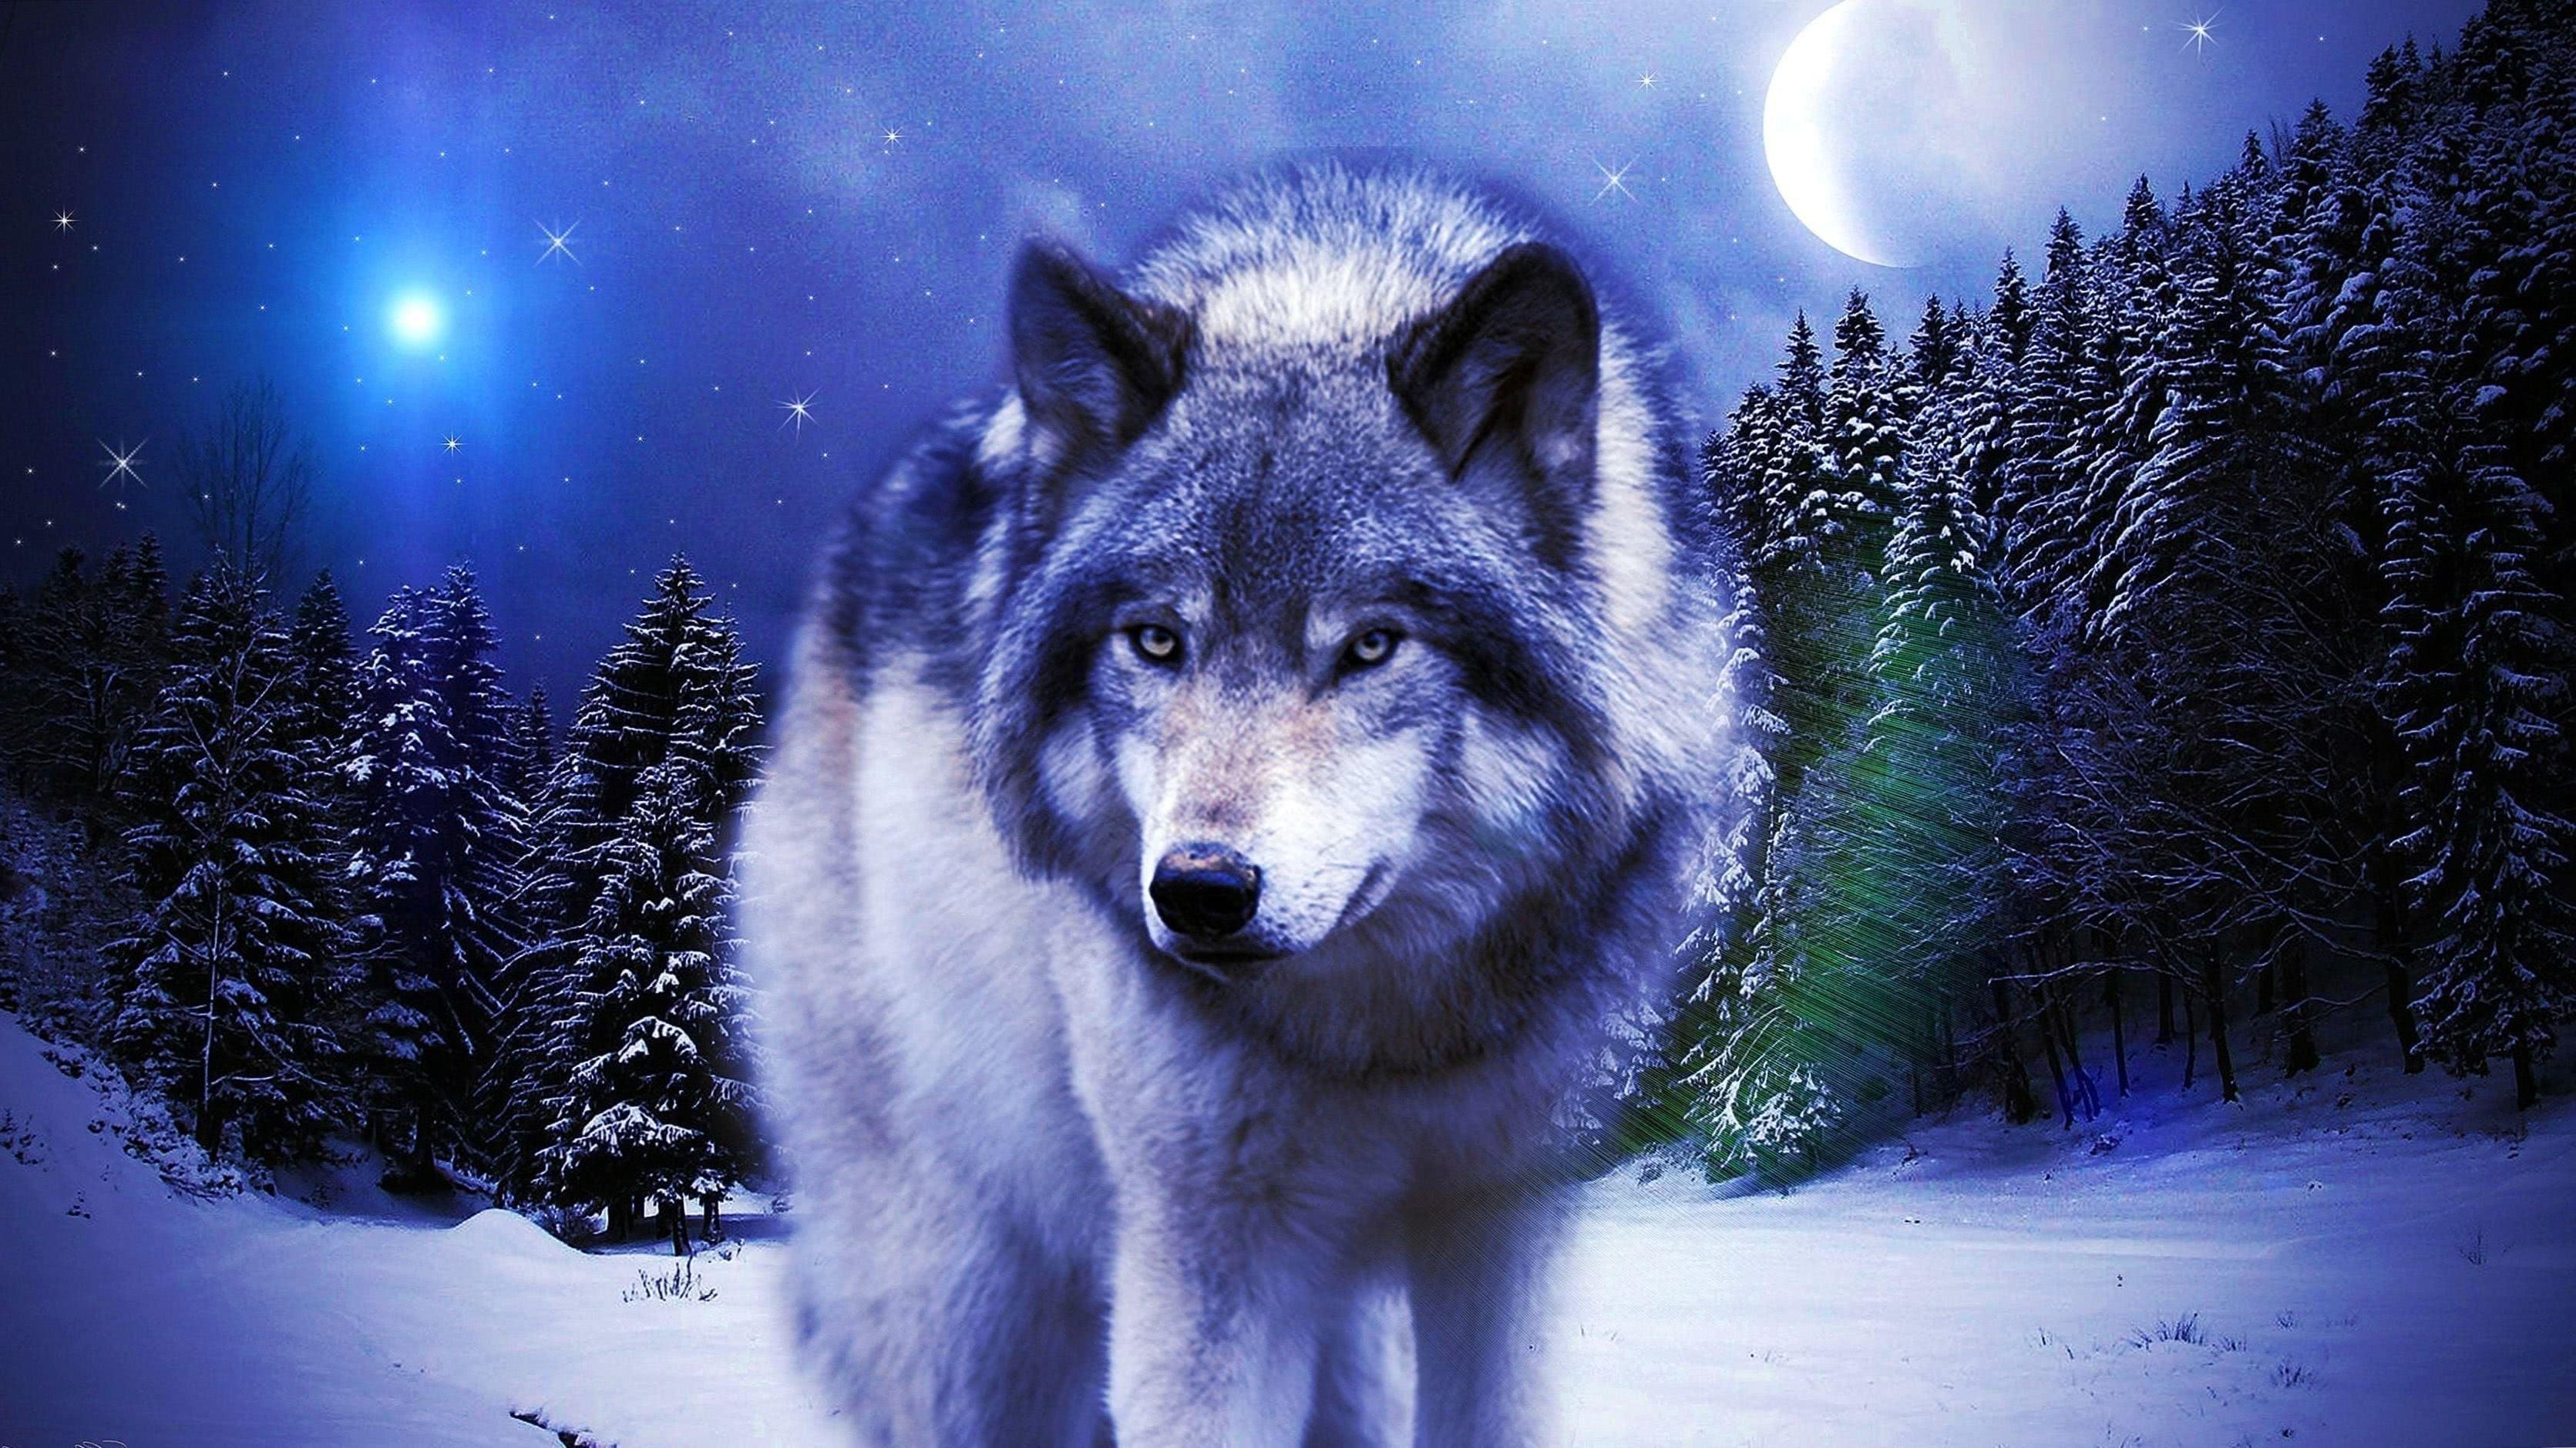 Wallpaper In Wolf